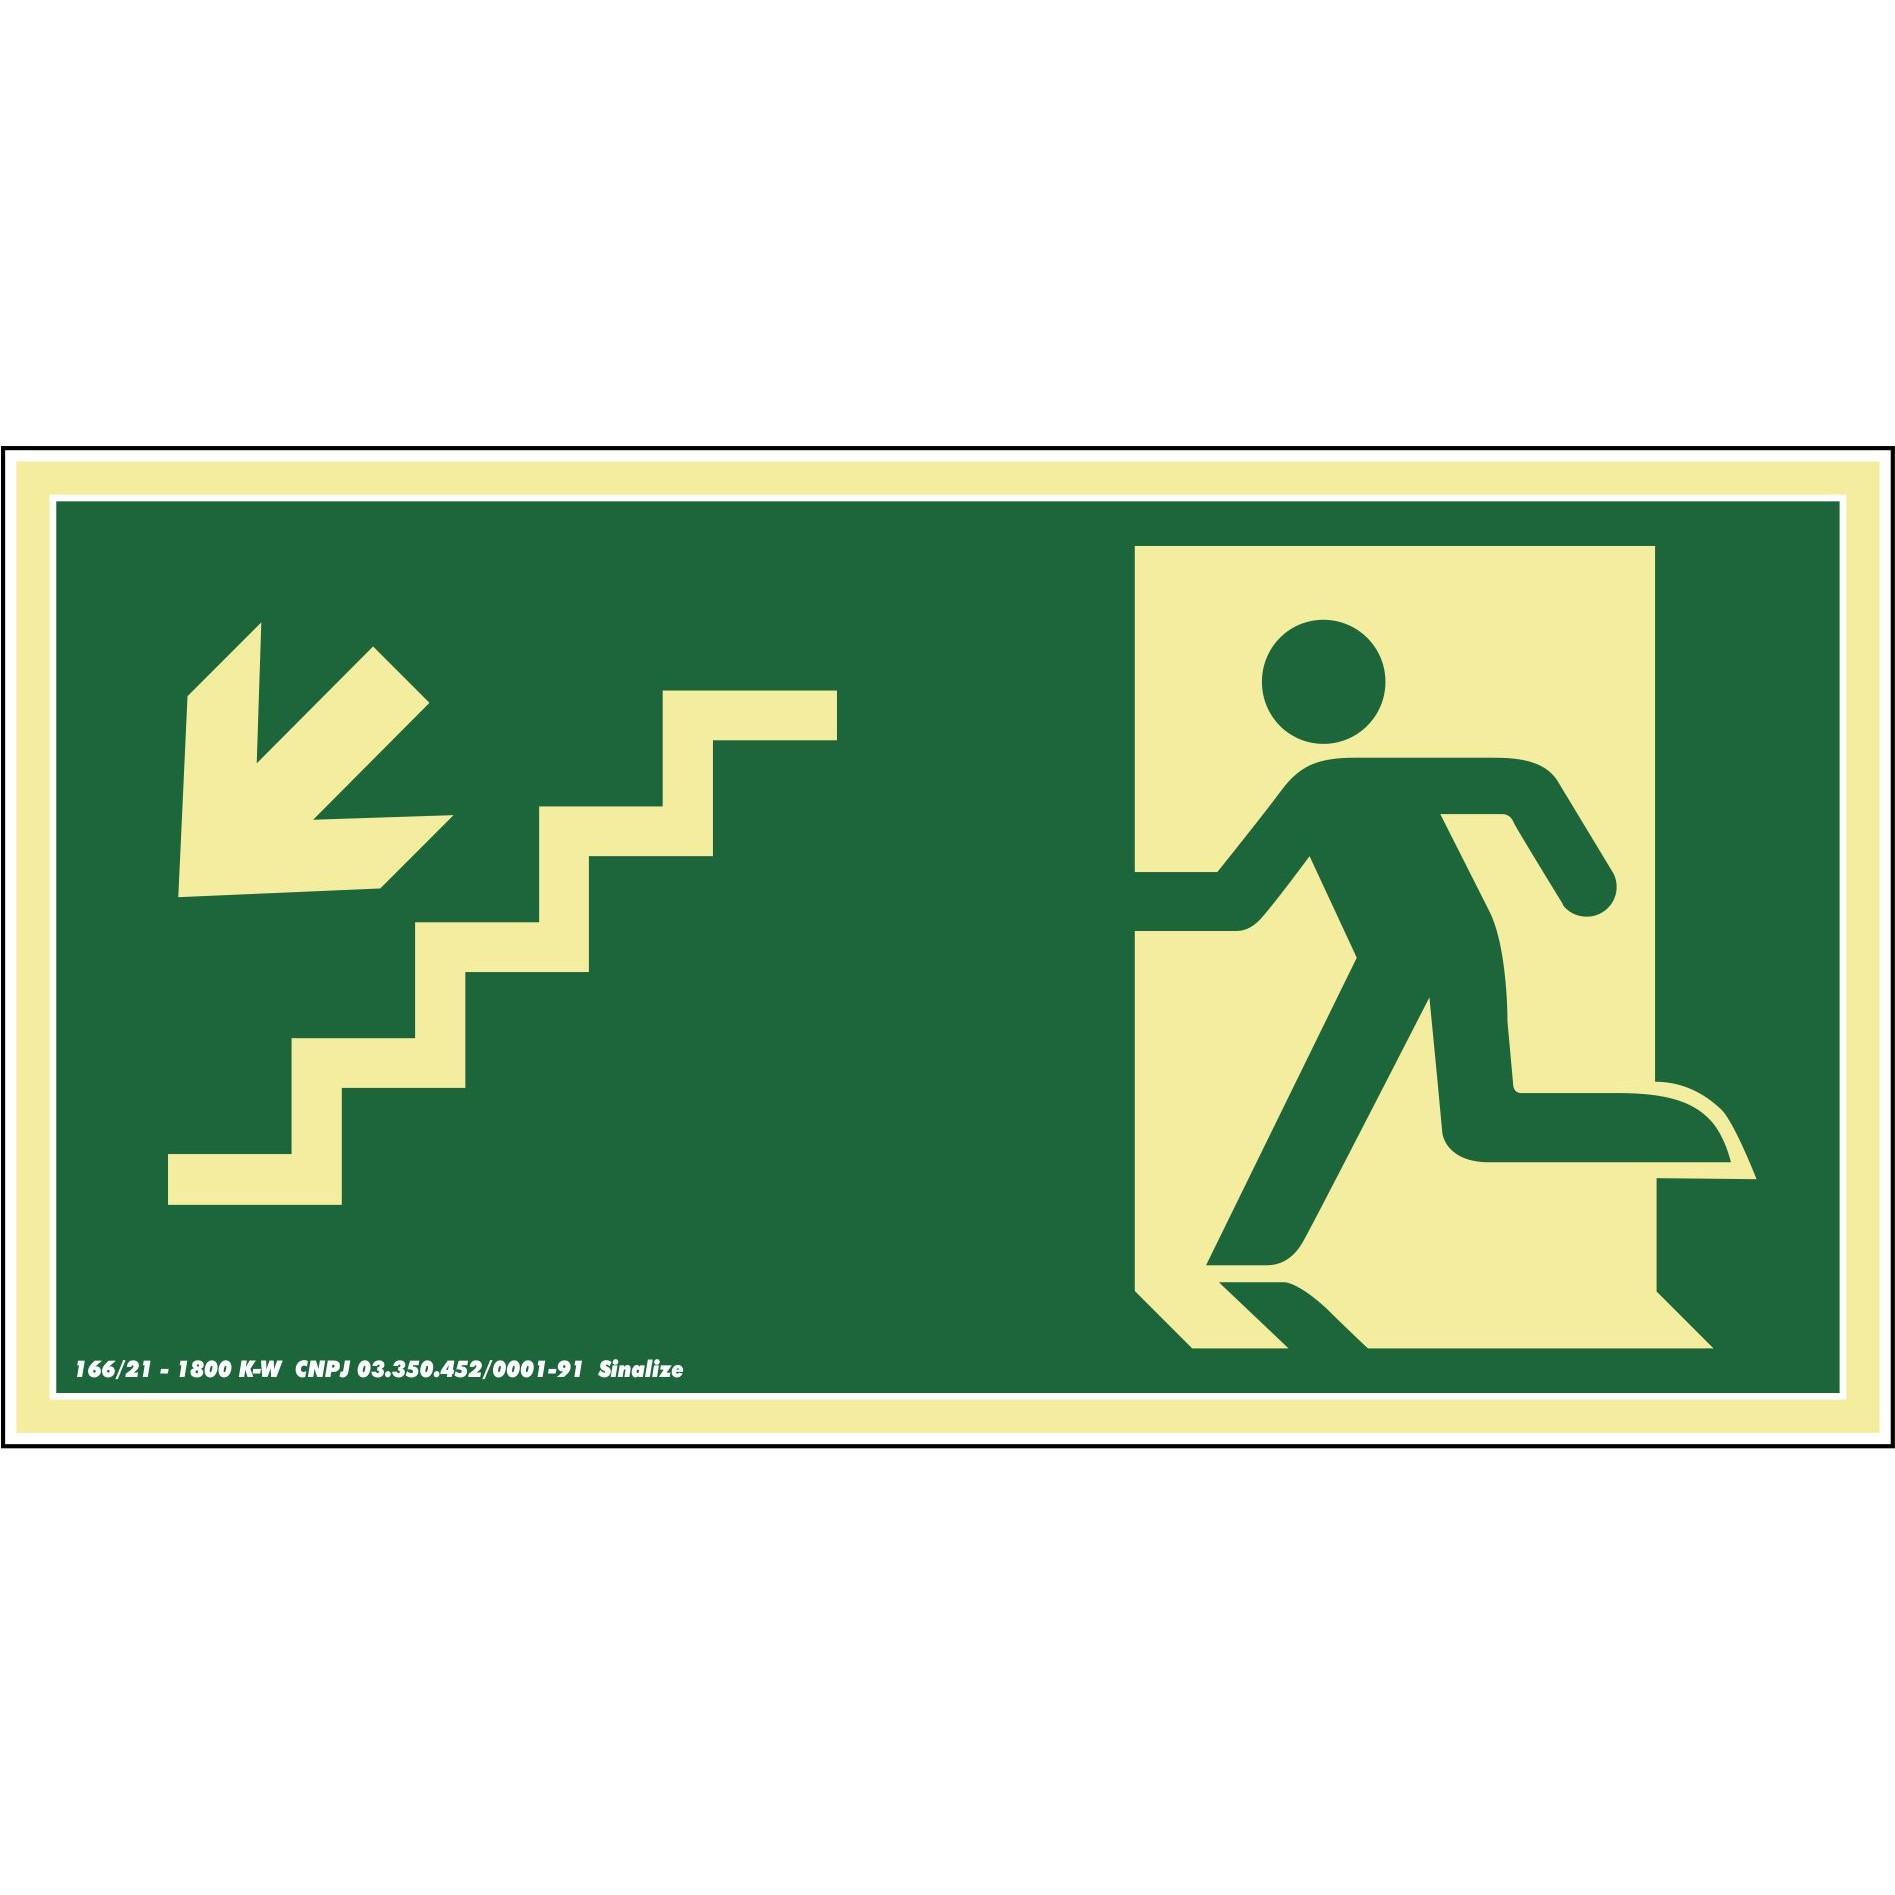 Placa de PVC Saida De Emergencia - Escada Desce A Esquerda 30cm x 15cm Verde Escuro - Sinalize